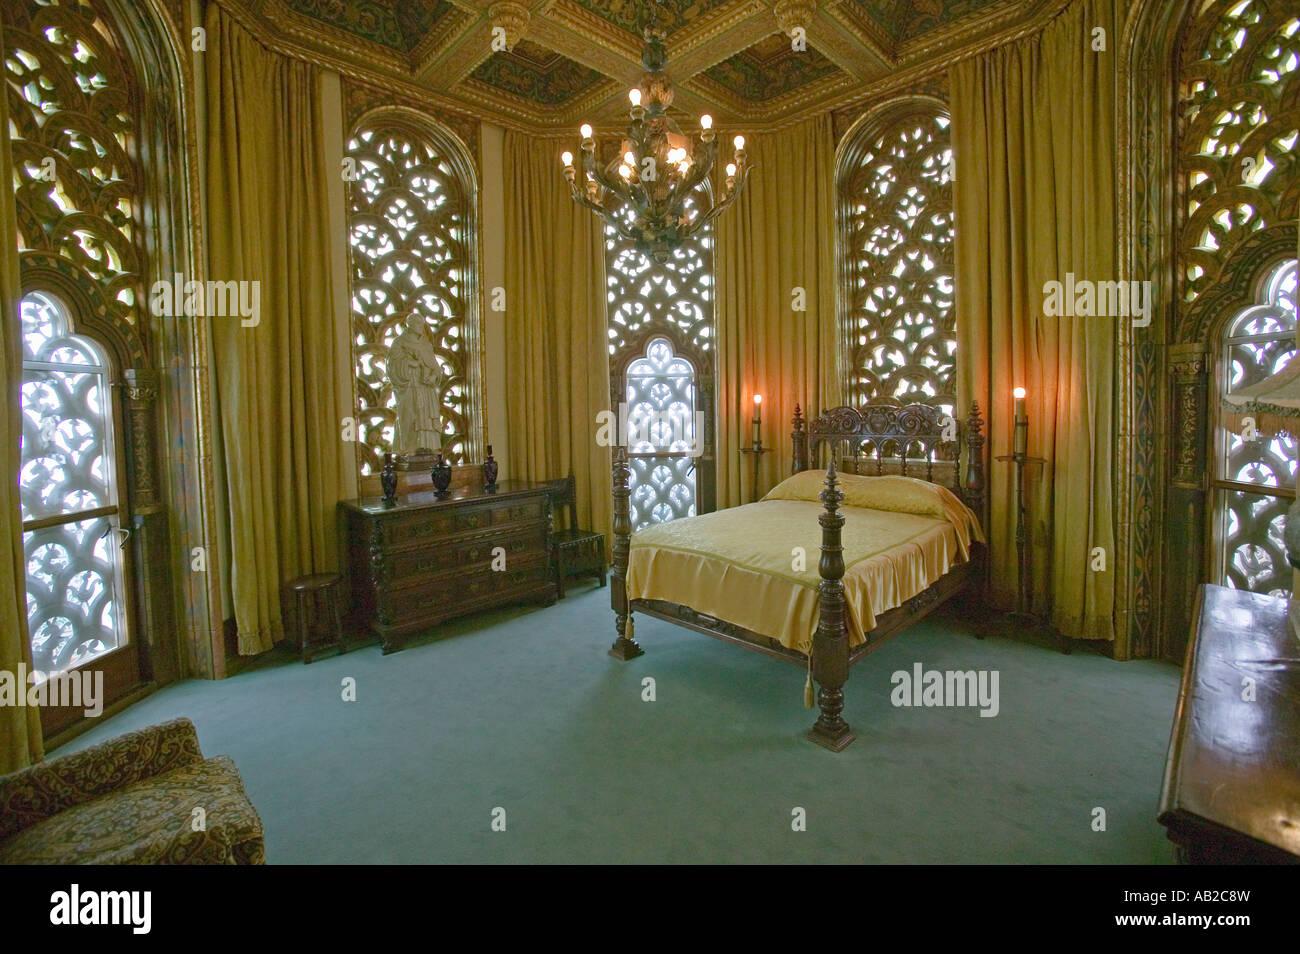 William Randolph Hearst S Schlafzimmer Im Hearst Castle Amerika S Burg San Simeon Zentralkuste Kalifornien Stockfotografie Alamy